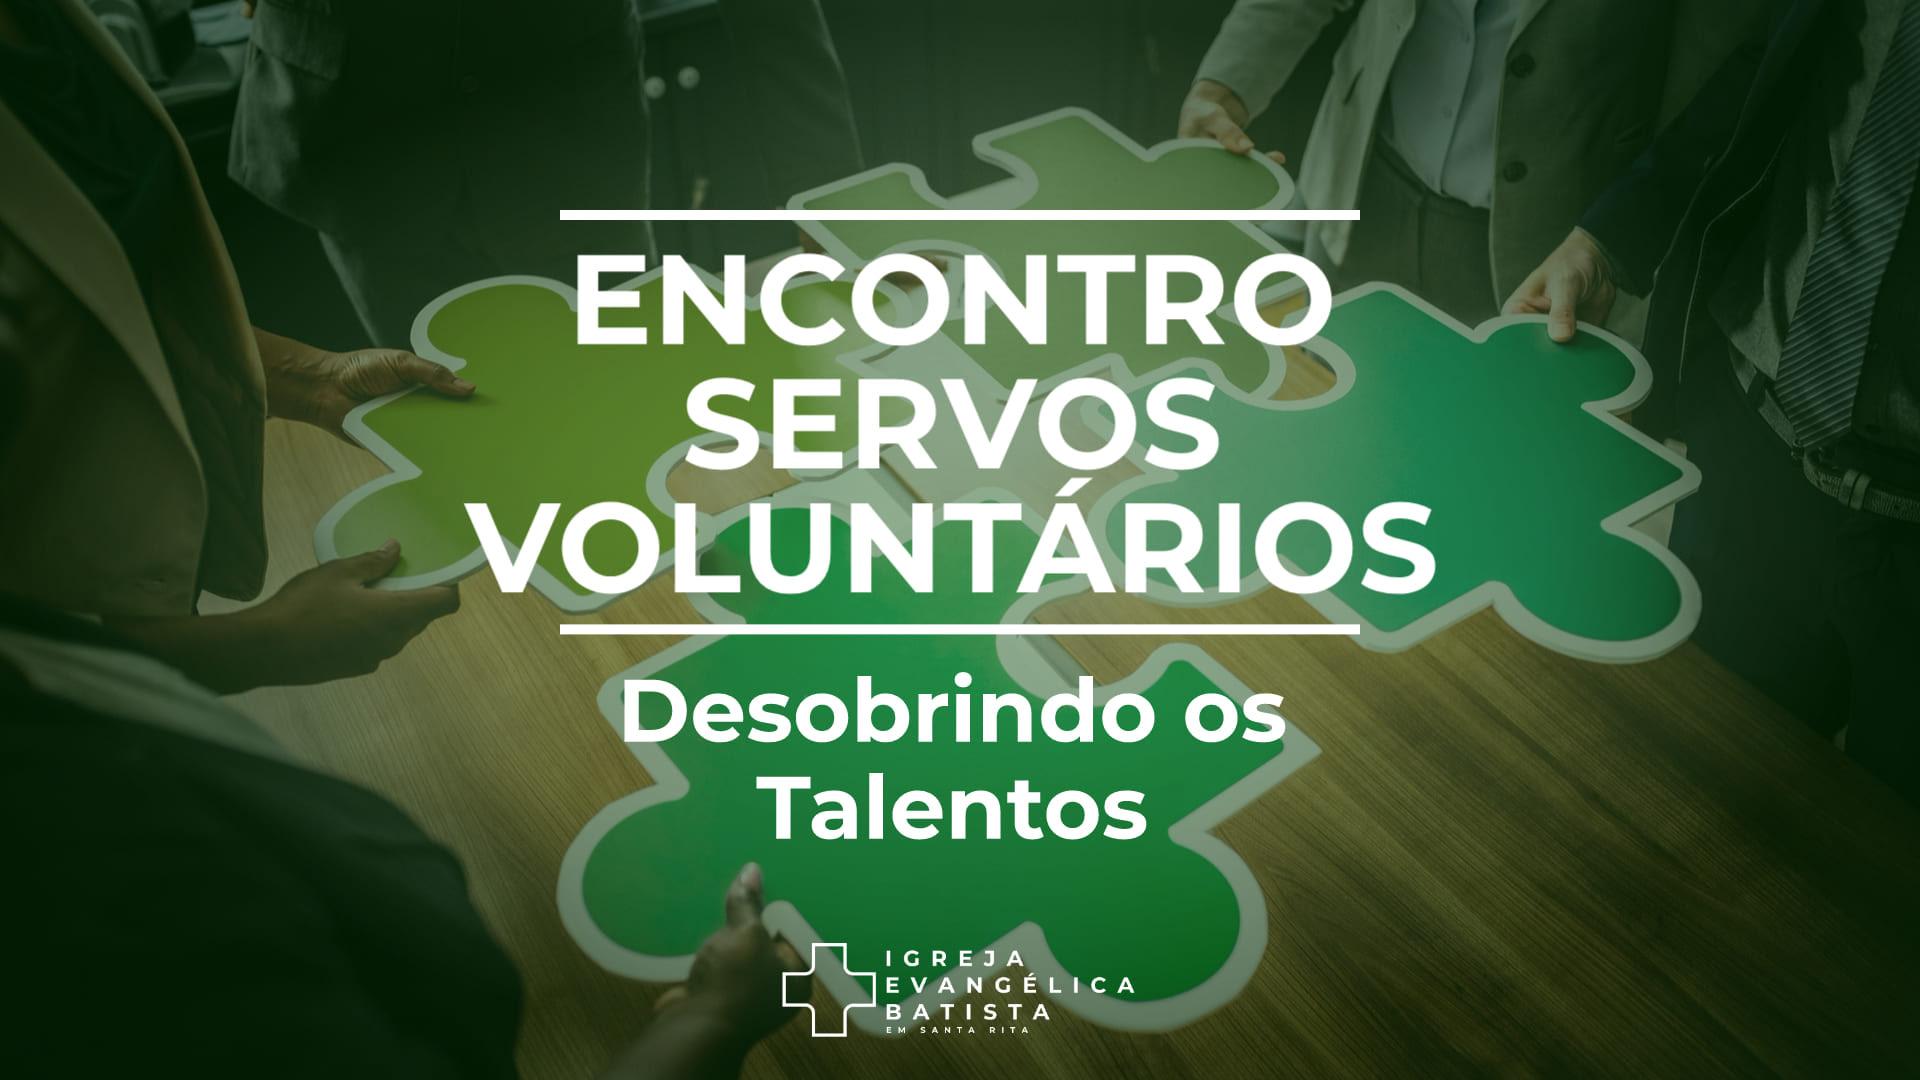 Encontro Servos Voluntários 7